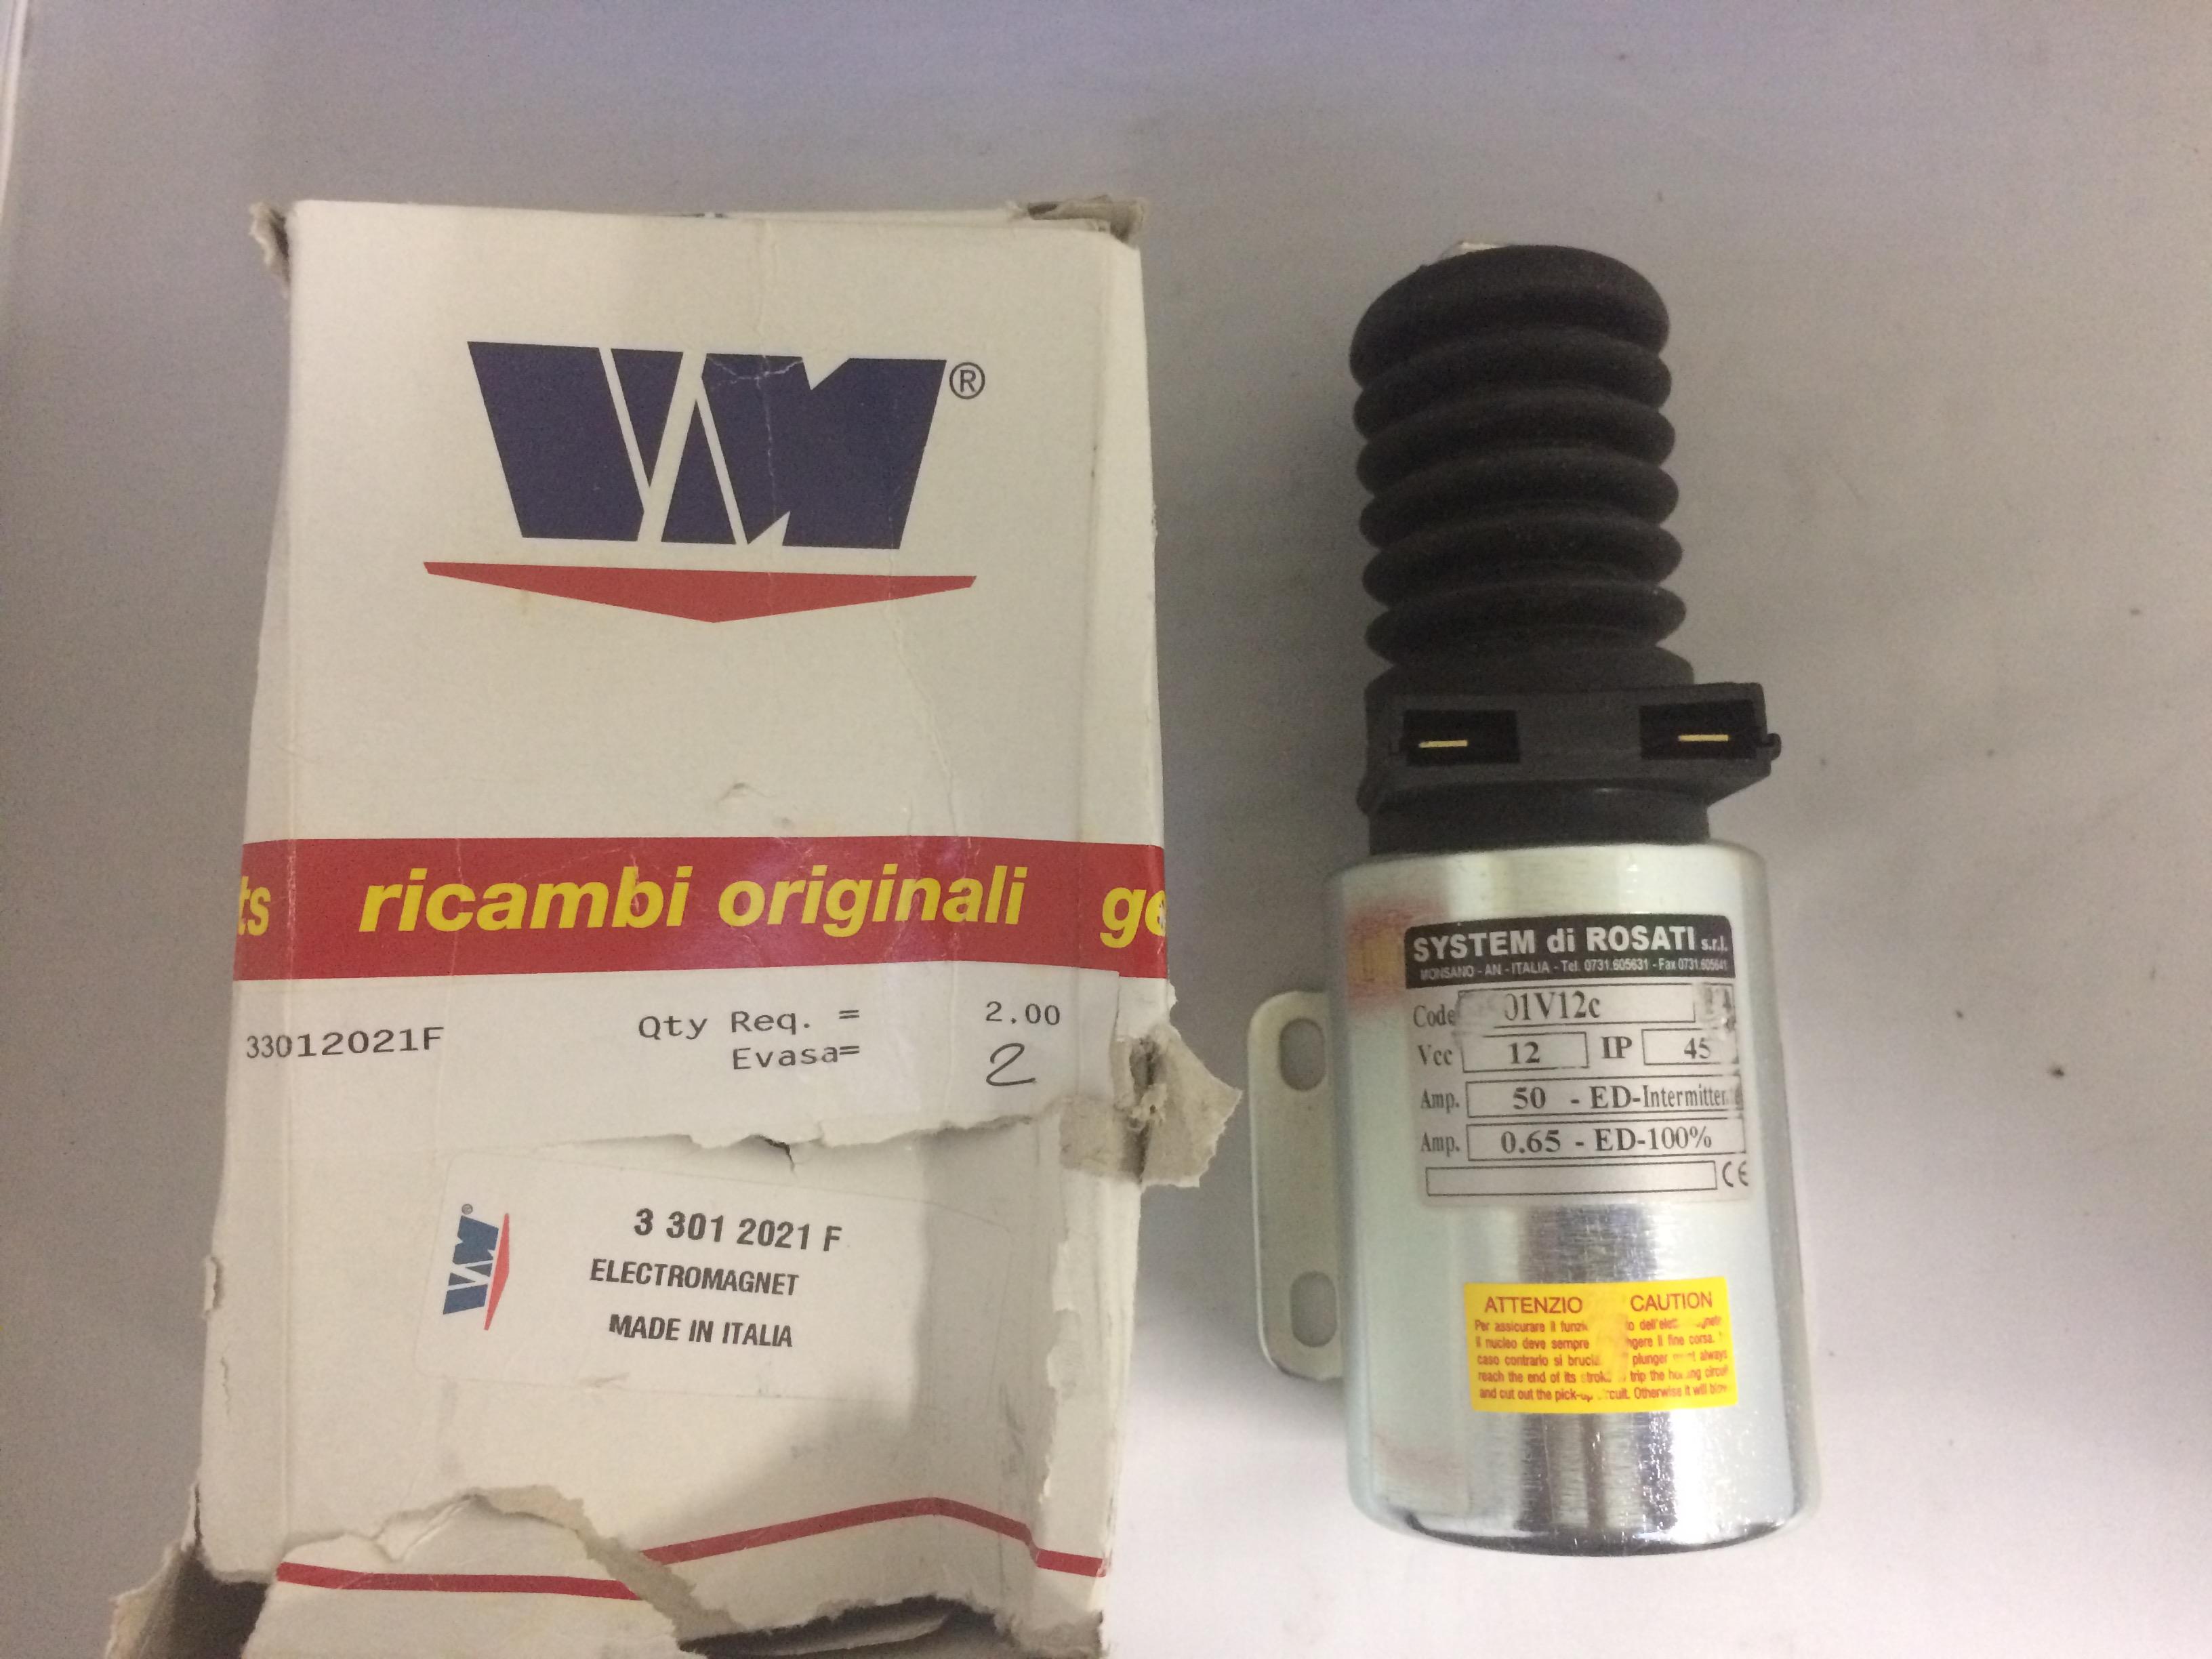 Electrostart / Electromagnete VM Motori 33012021F - VM SUN 2105 - SUN 3105 / T - SYSTEM Di ROSATI 01V12c